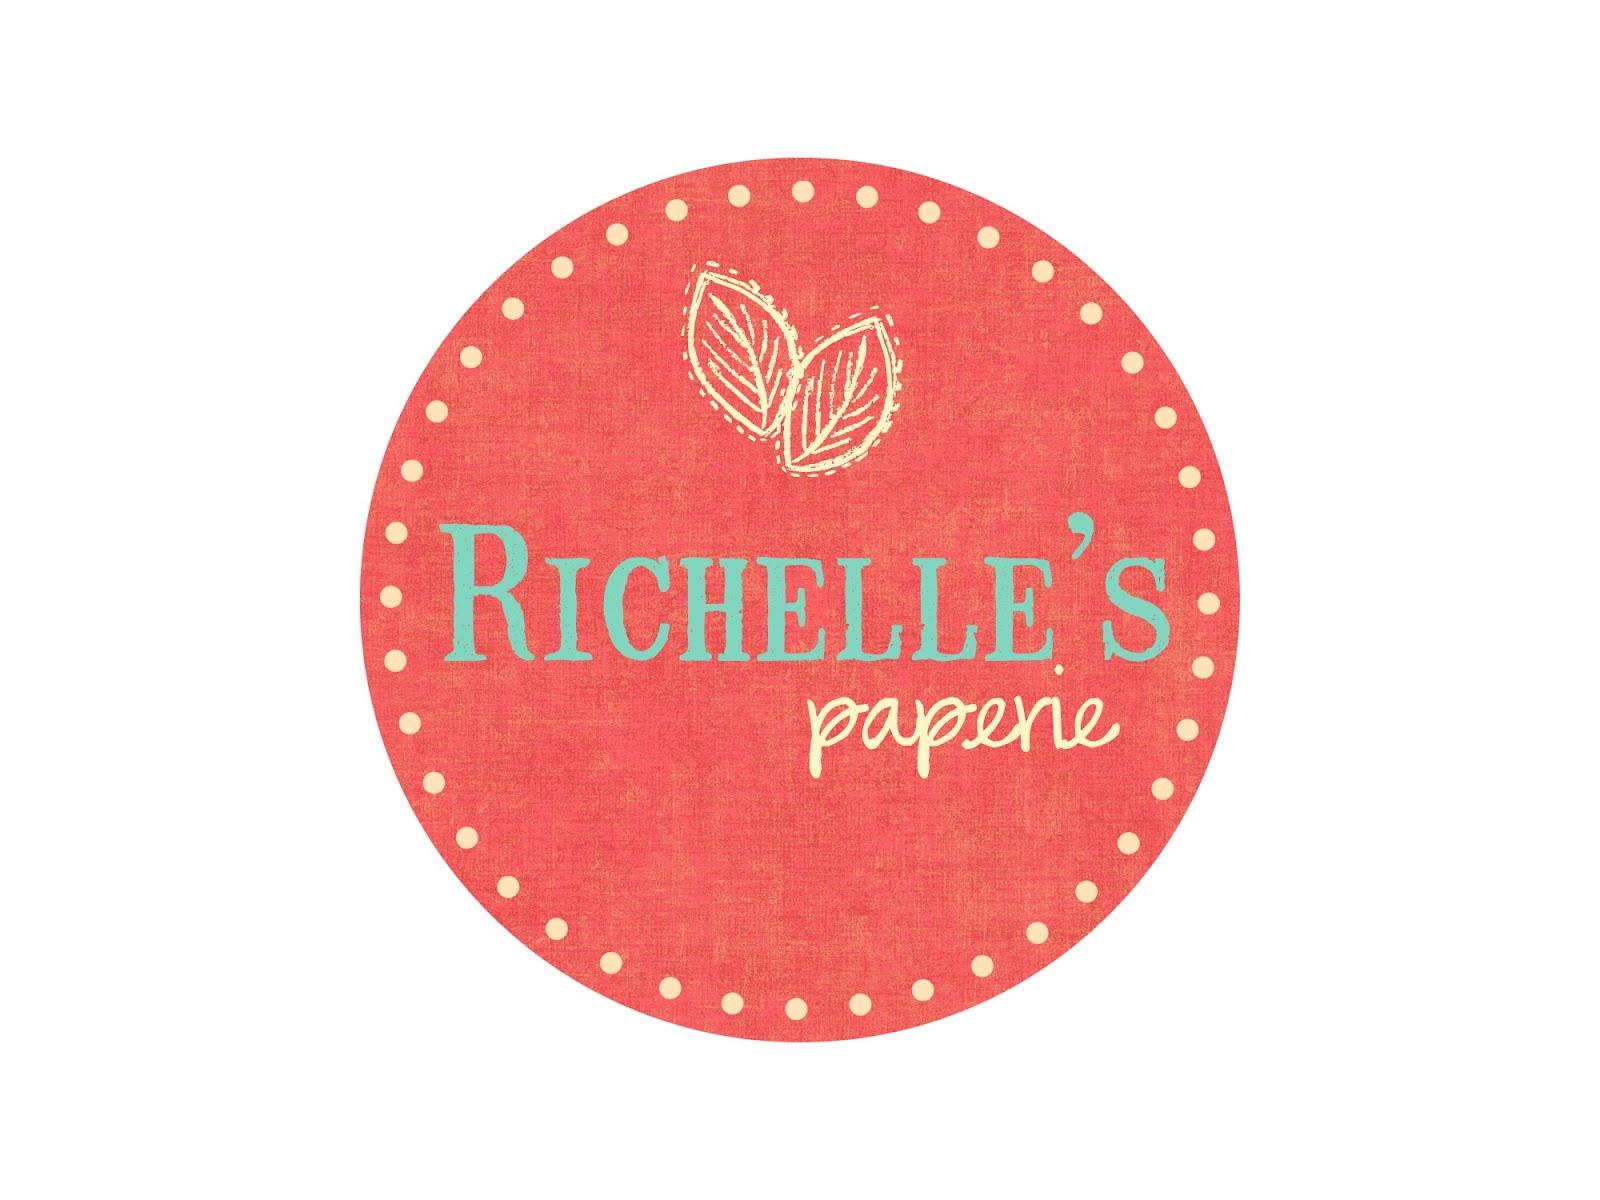 Richelle's Paperie